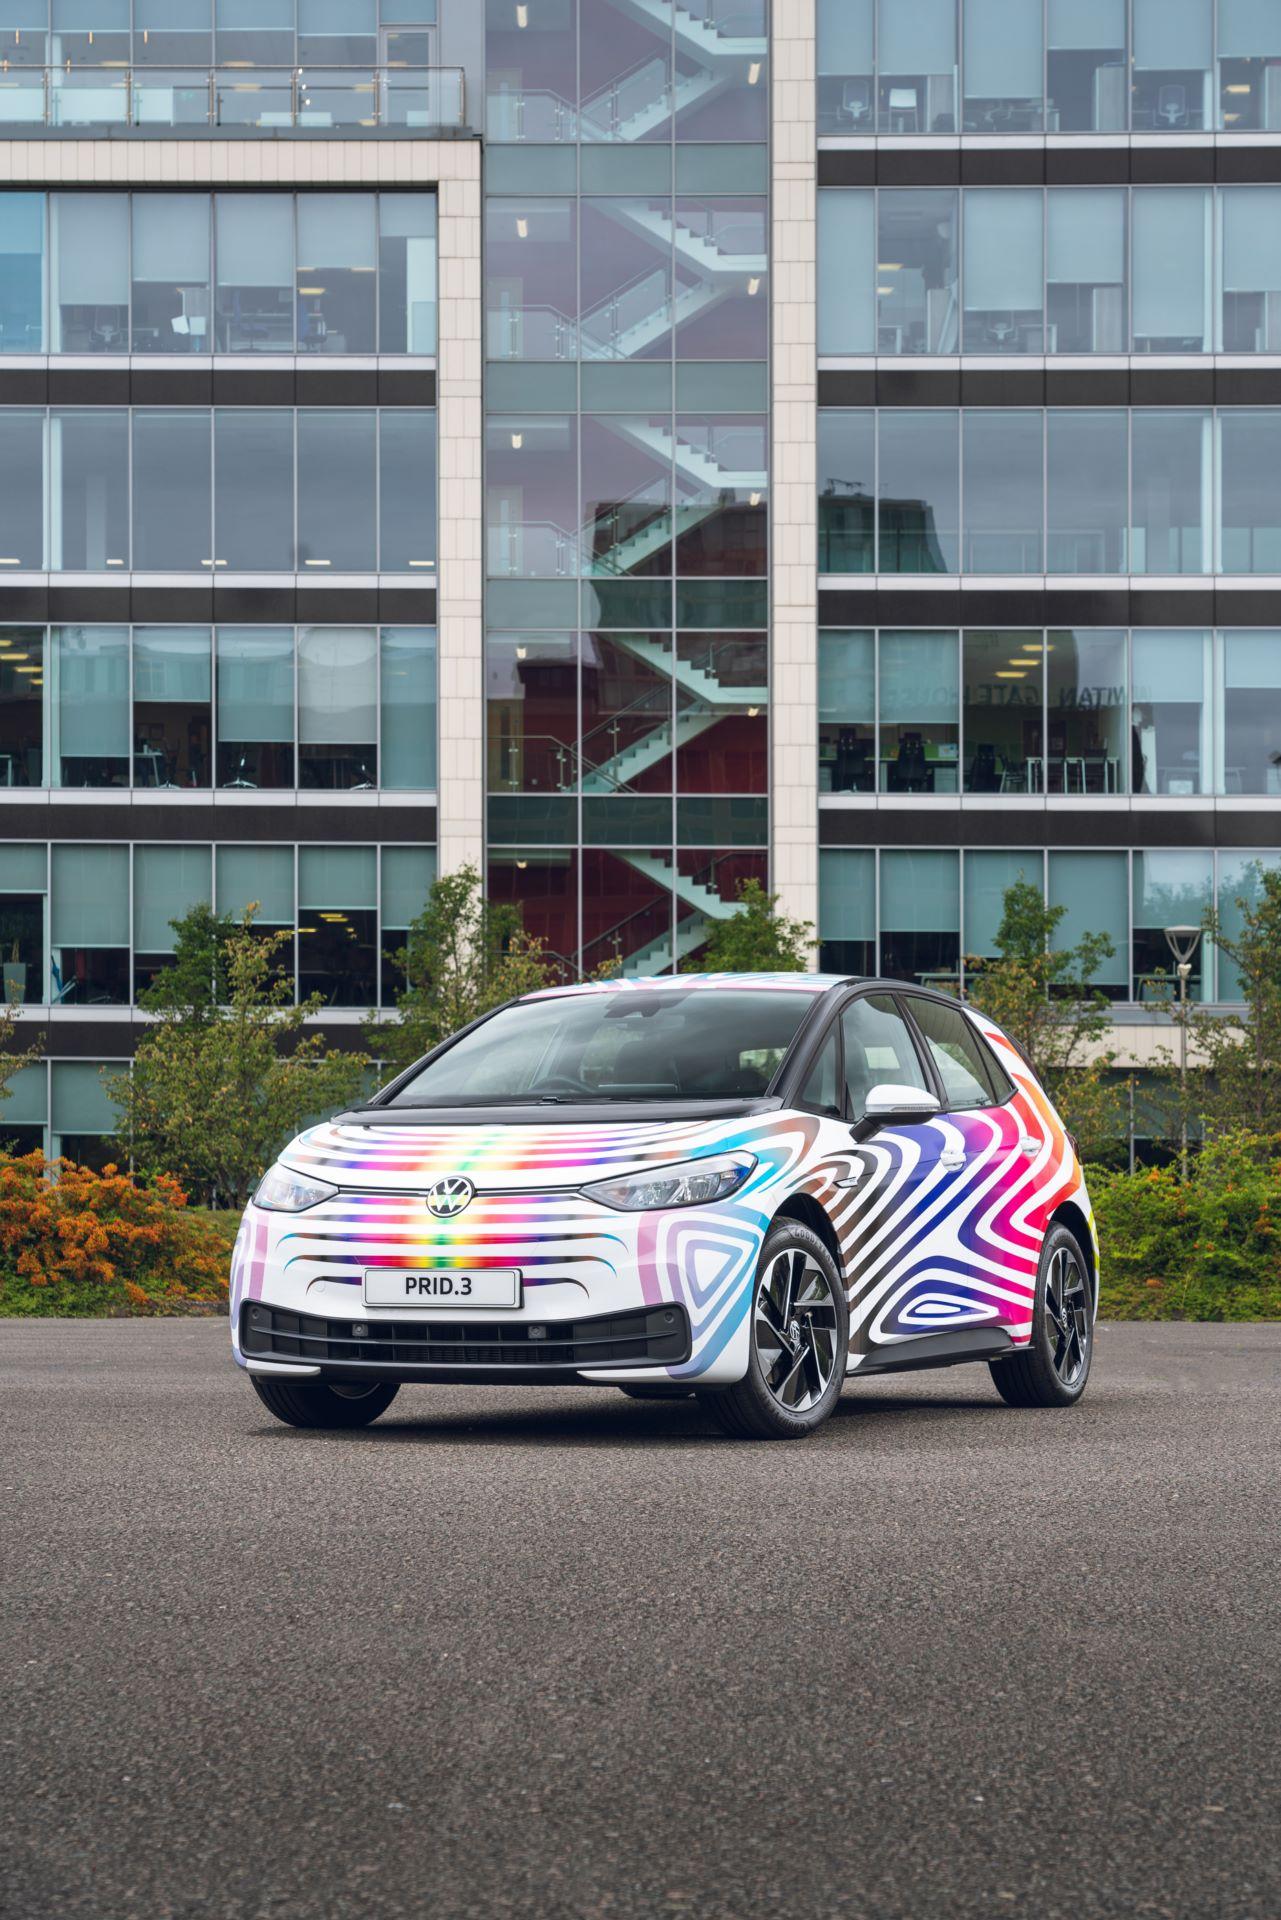 Volkswagen-PRID.3-18